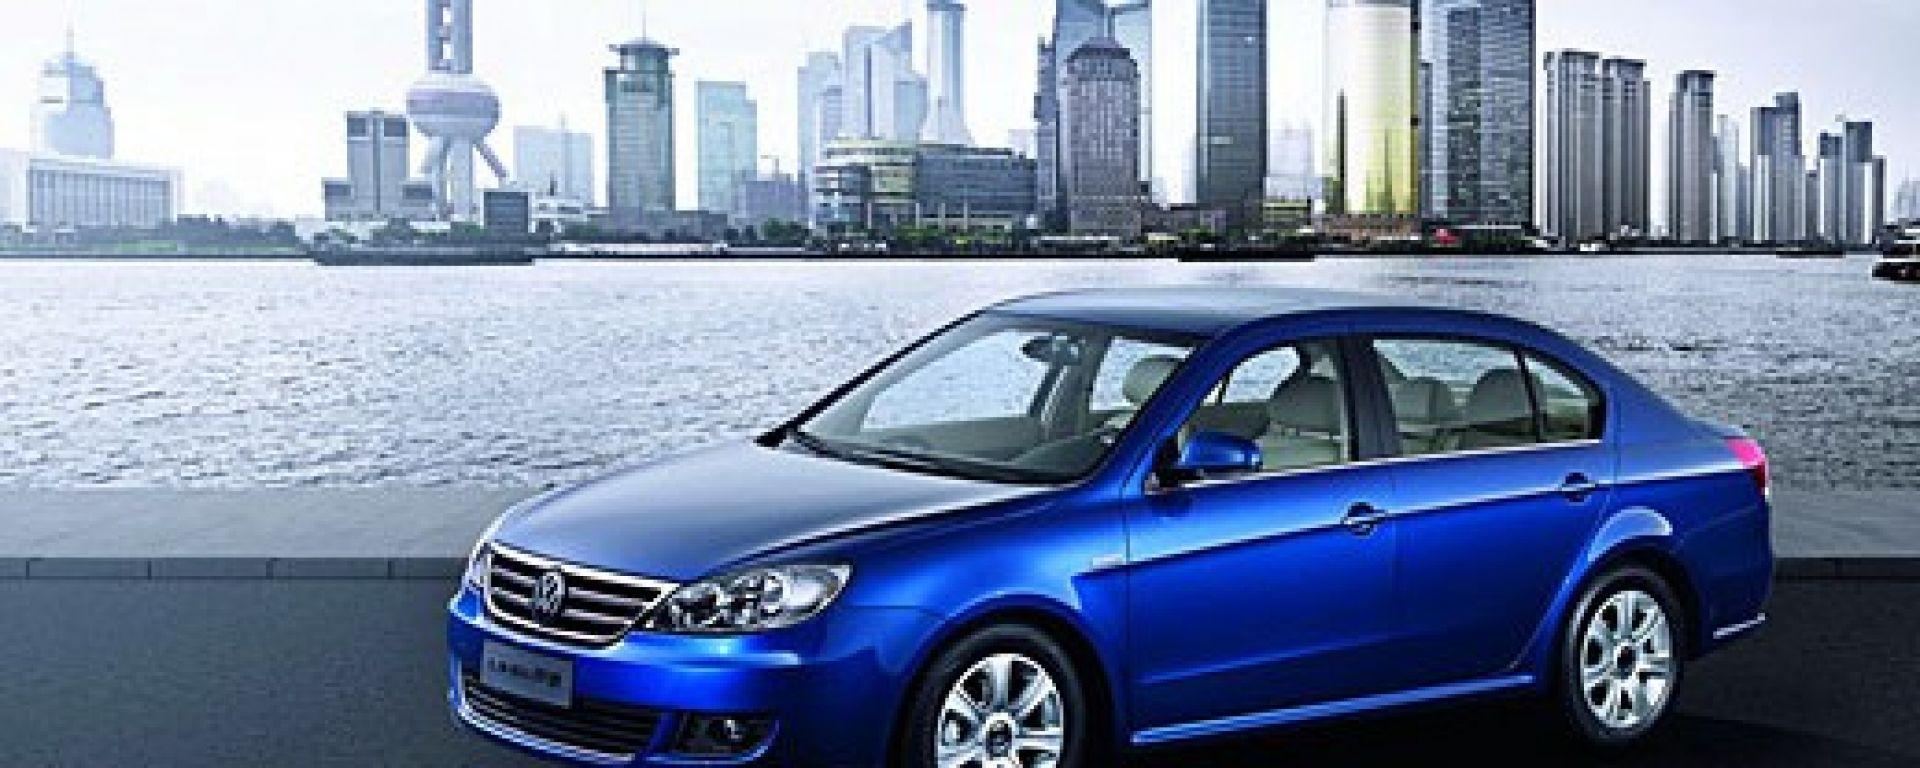 Salone di Pechino - Volkswagen